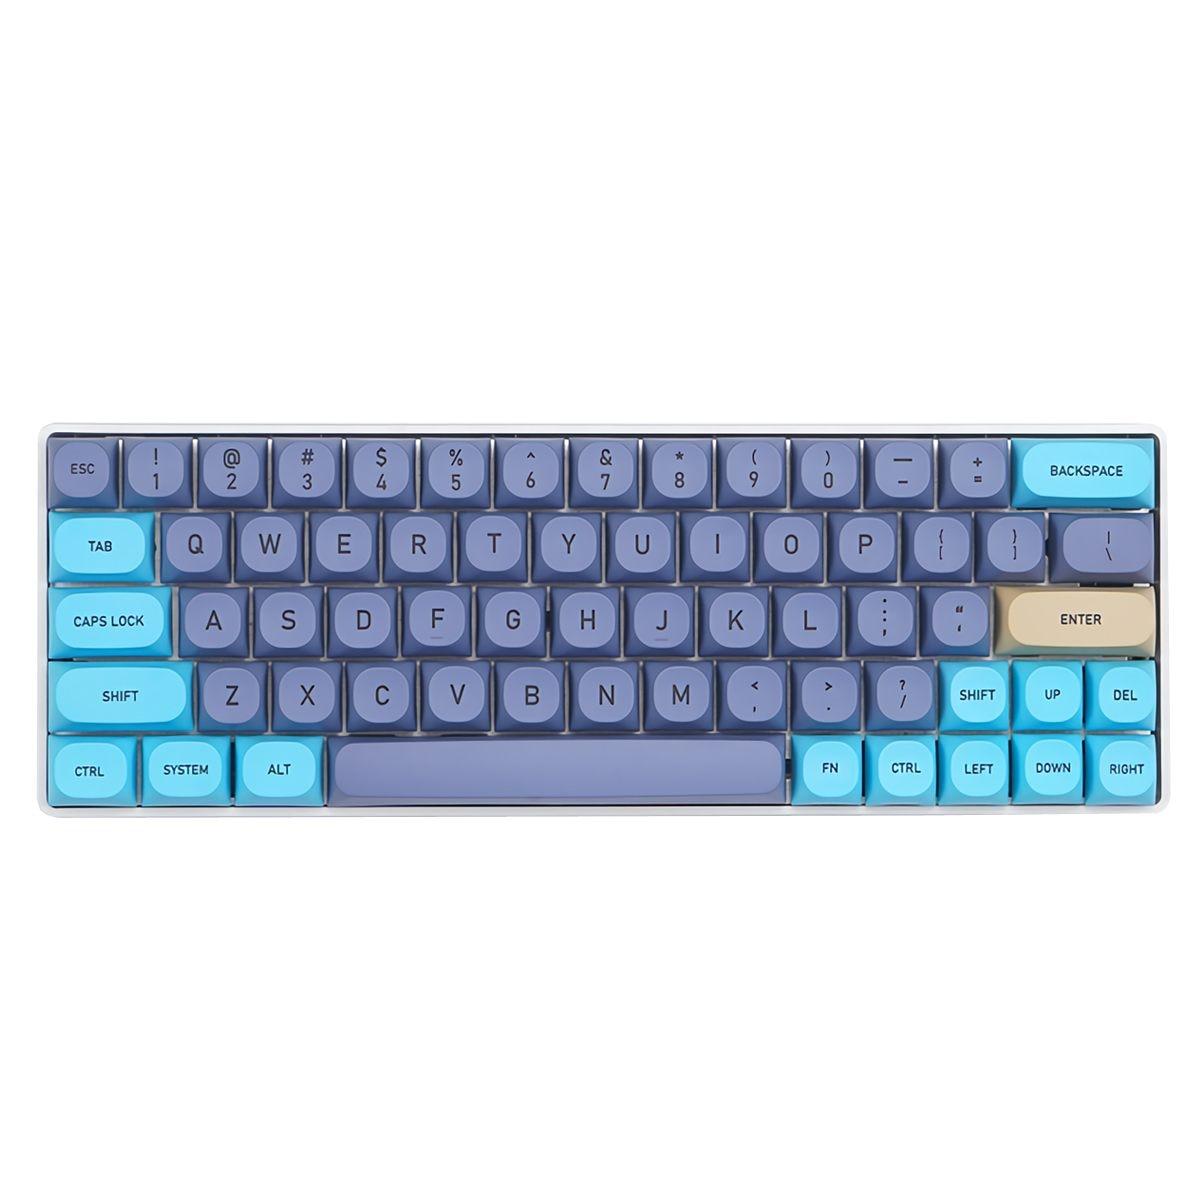 75/142 مفاتيح الأزرق المرقعة Keycap مجموعة مللي أمبير الشخصي PBT التسامي كيكابس للوحة المفاتيح الميكانيكية